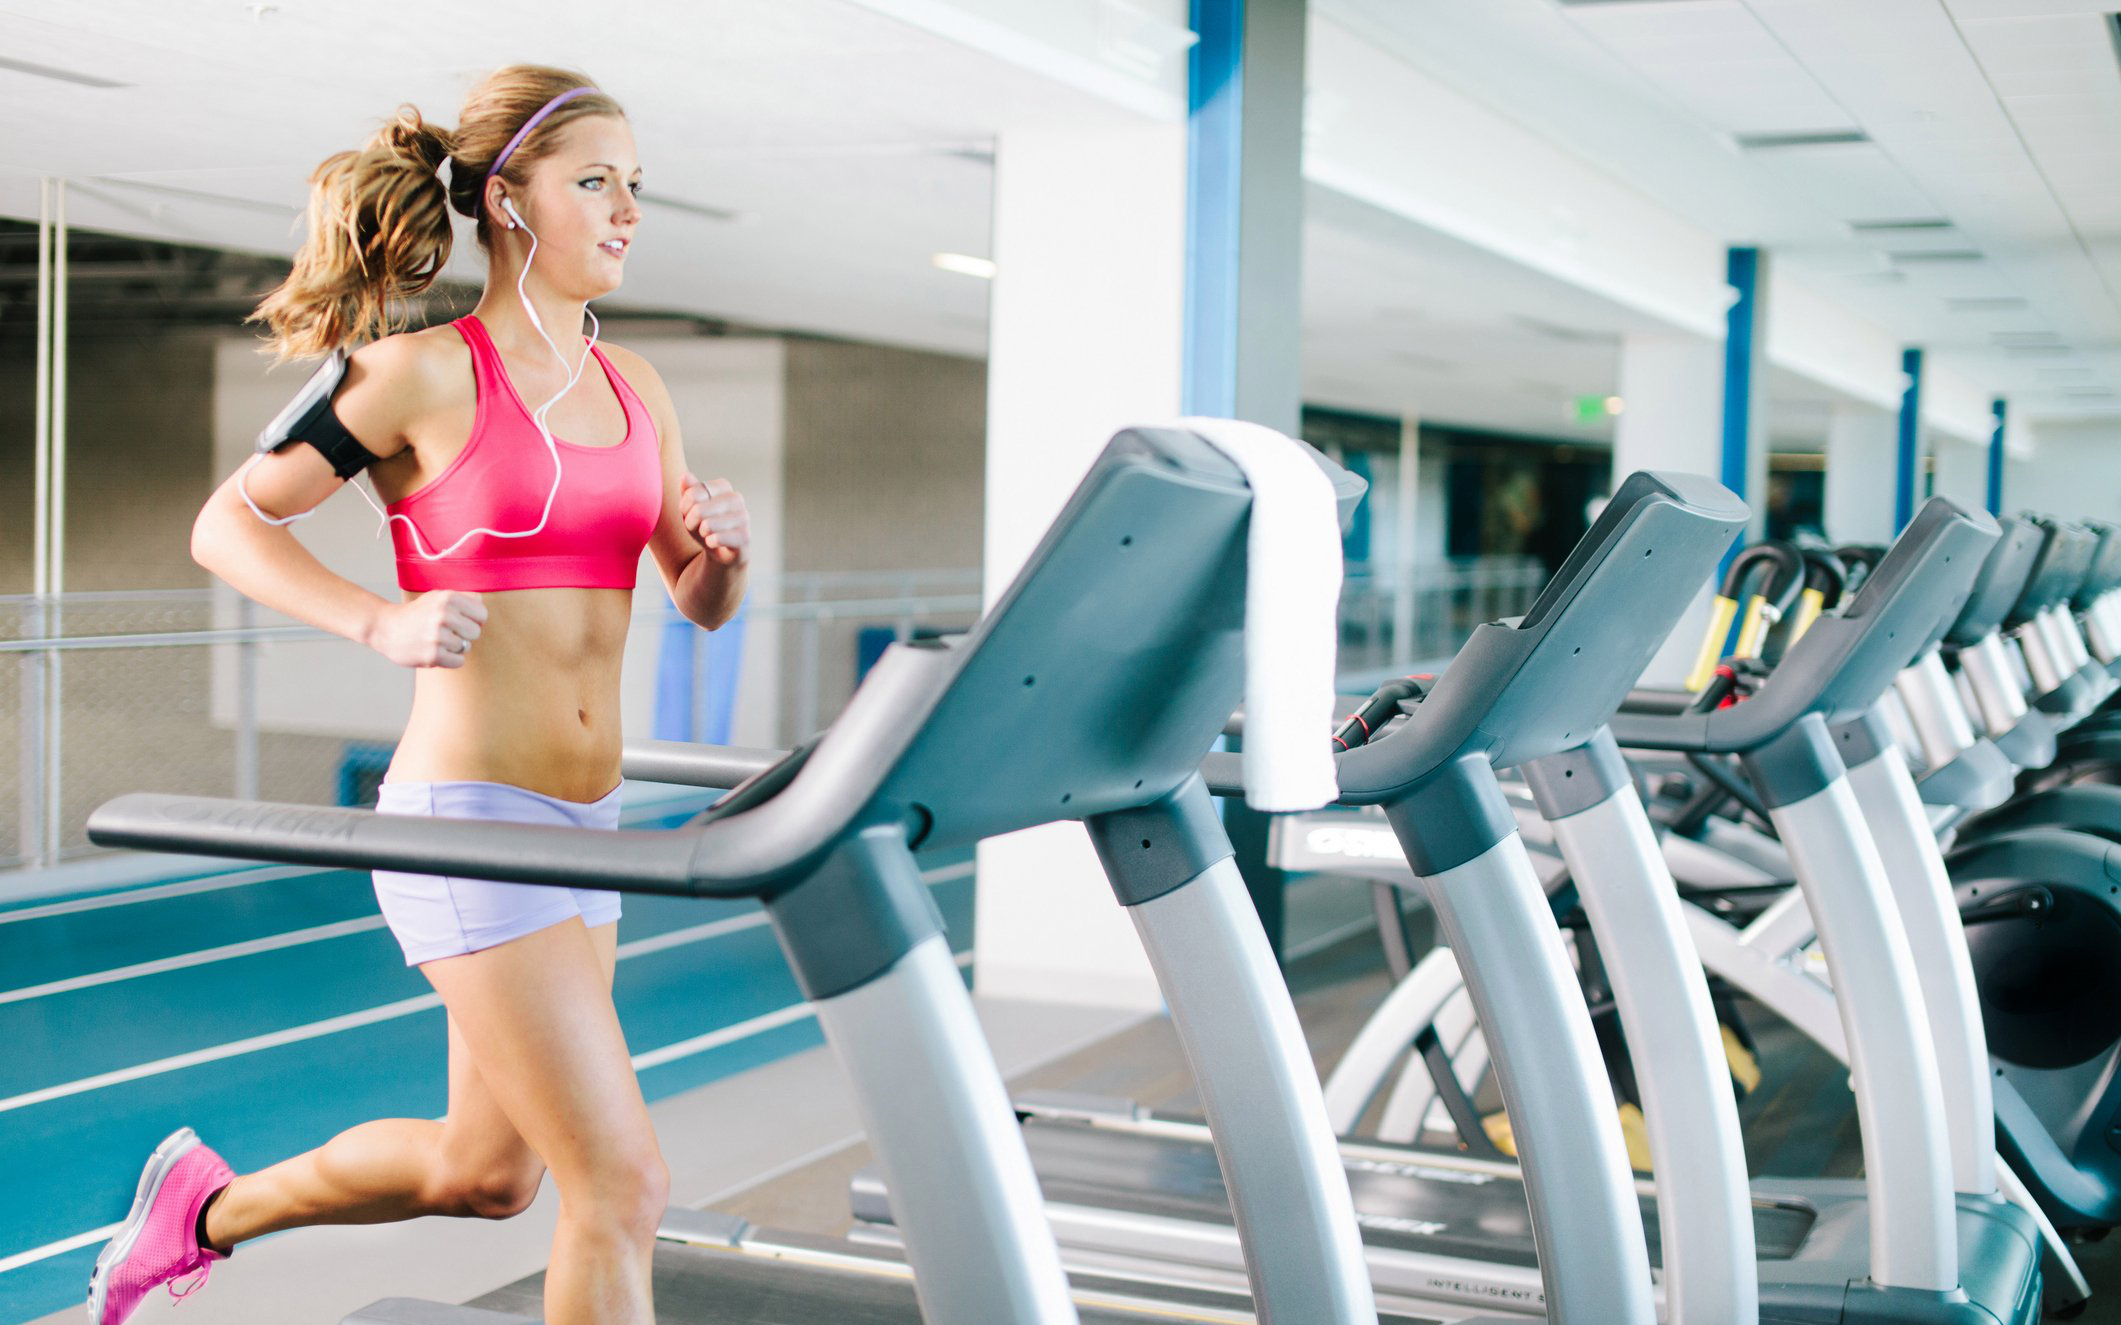 Thắc mắc nên tập thể dục lúc nào cuối cùng cũng có lời giải đáp: Đây chính là thời điểm vàng để vận động